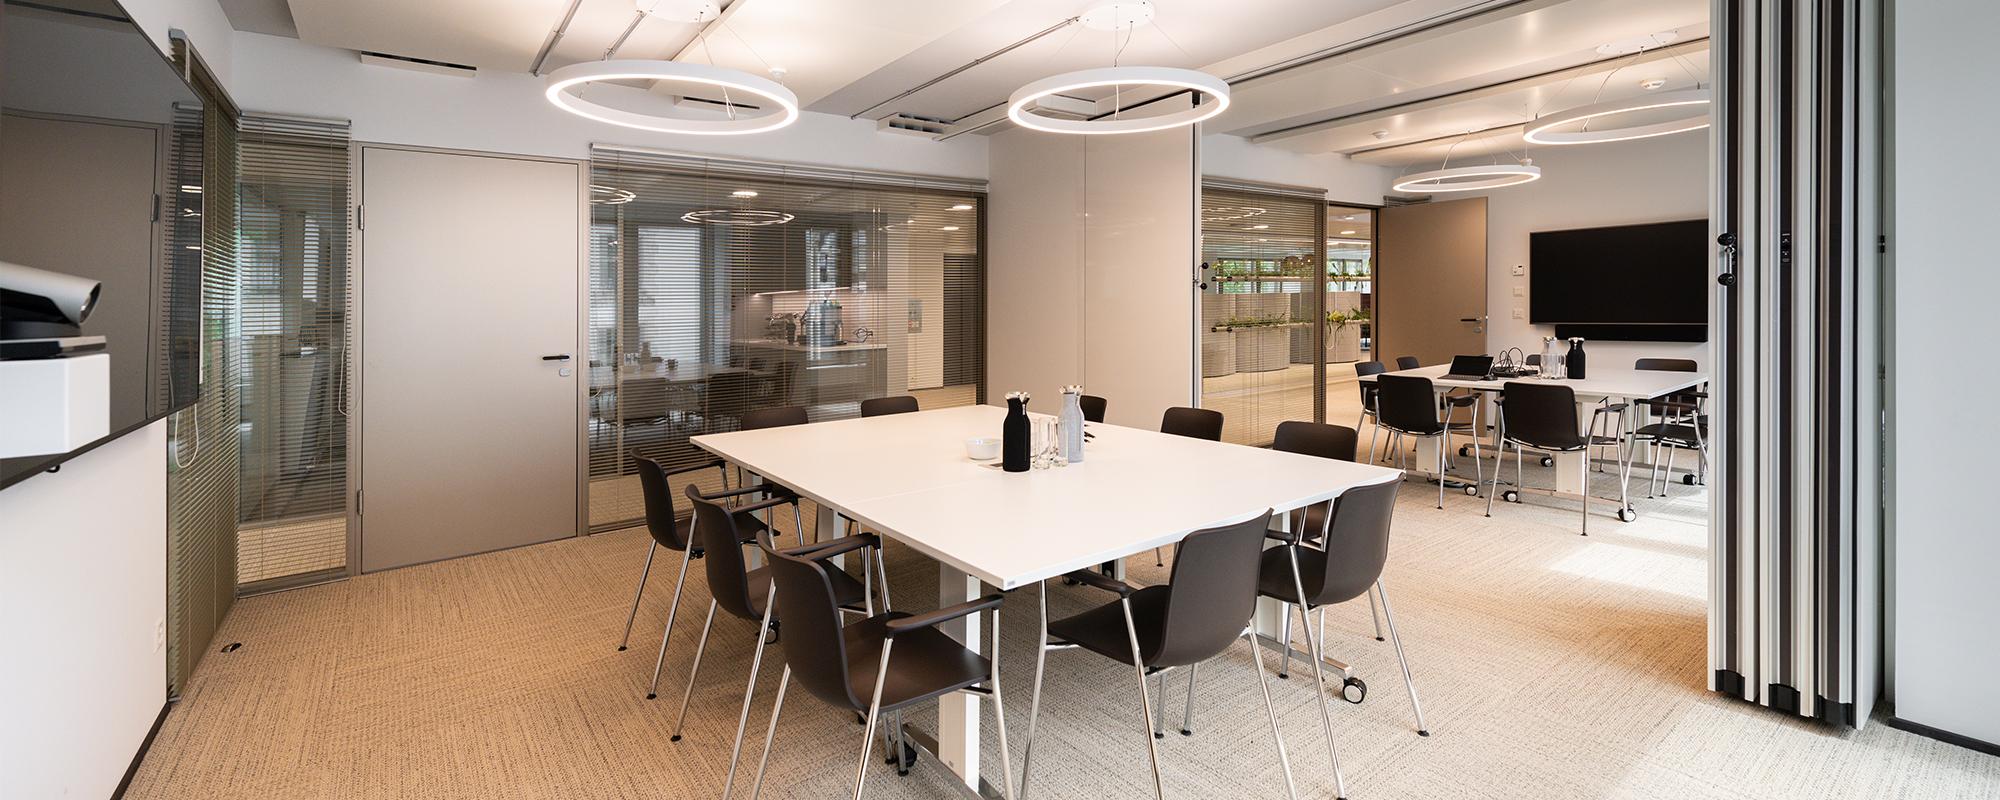 Allianz Risk grosses Sitzungszimmer mit verschieden grosse Ringo star Pendelleuchten von Lightnet